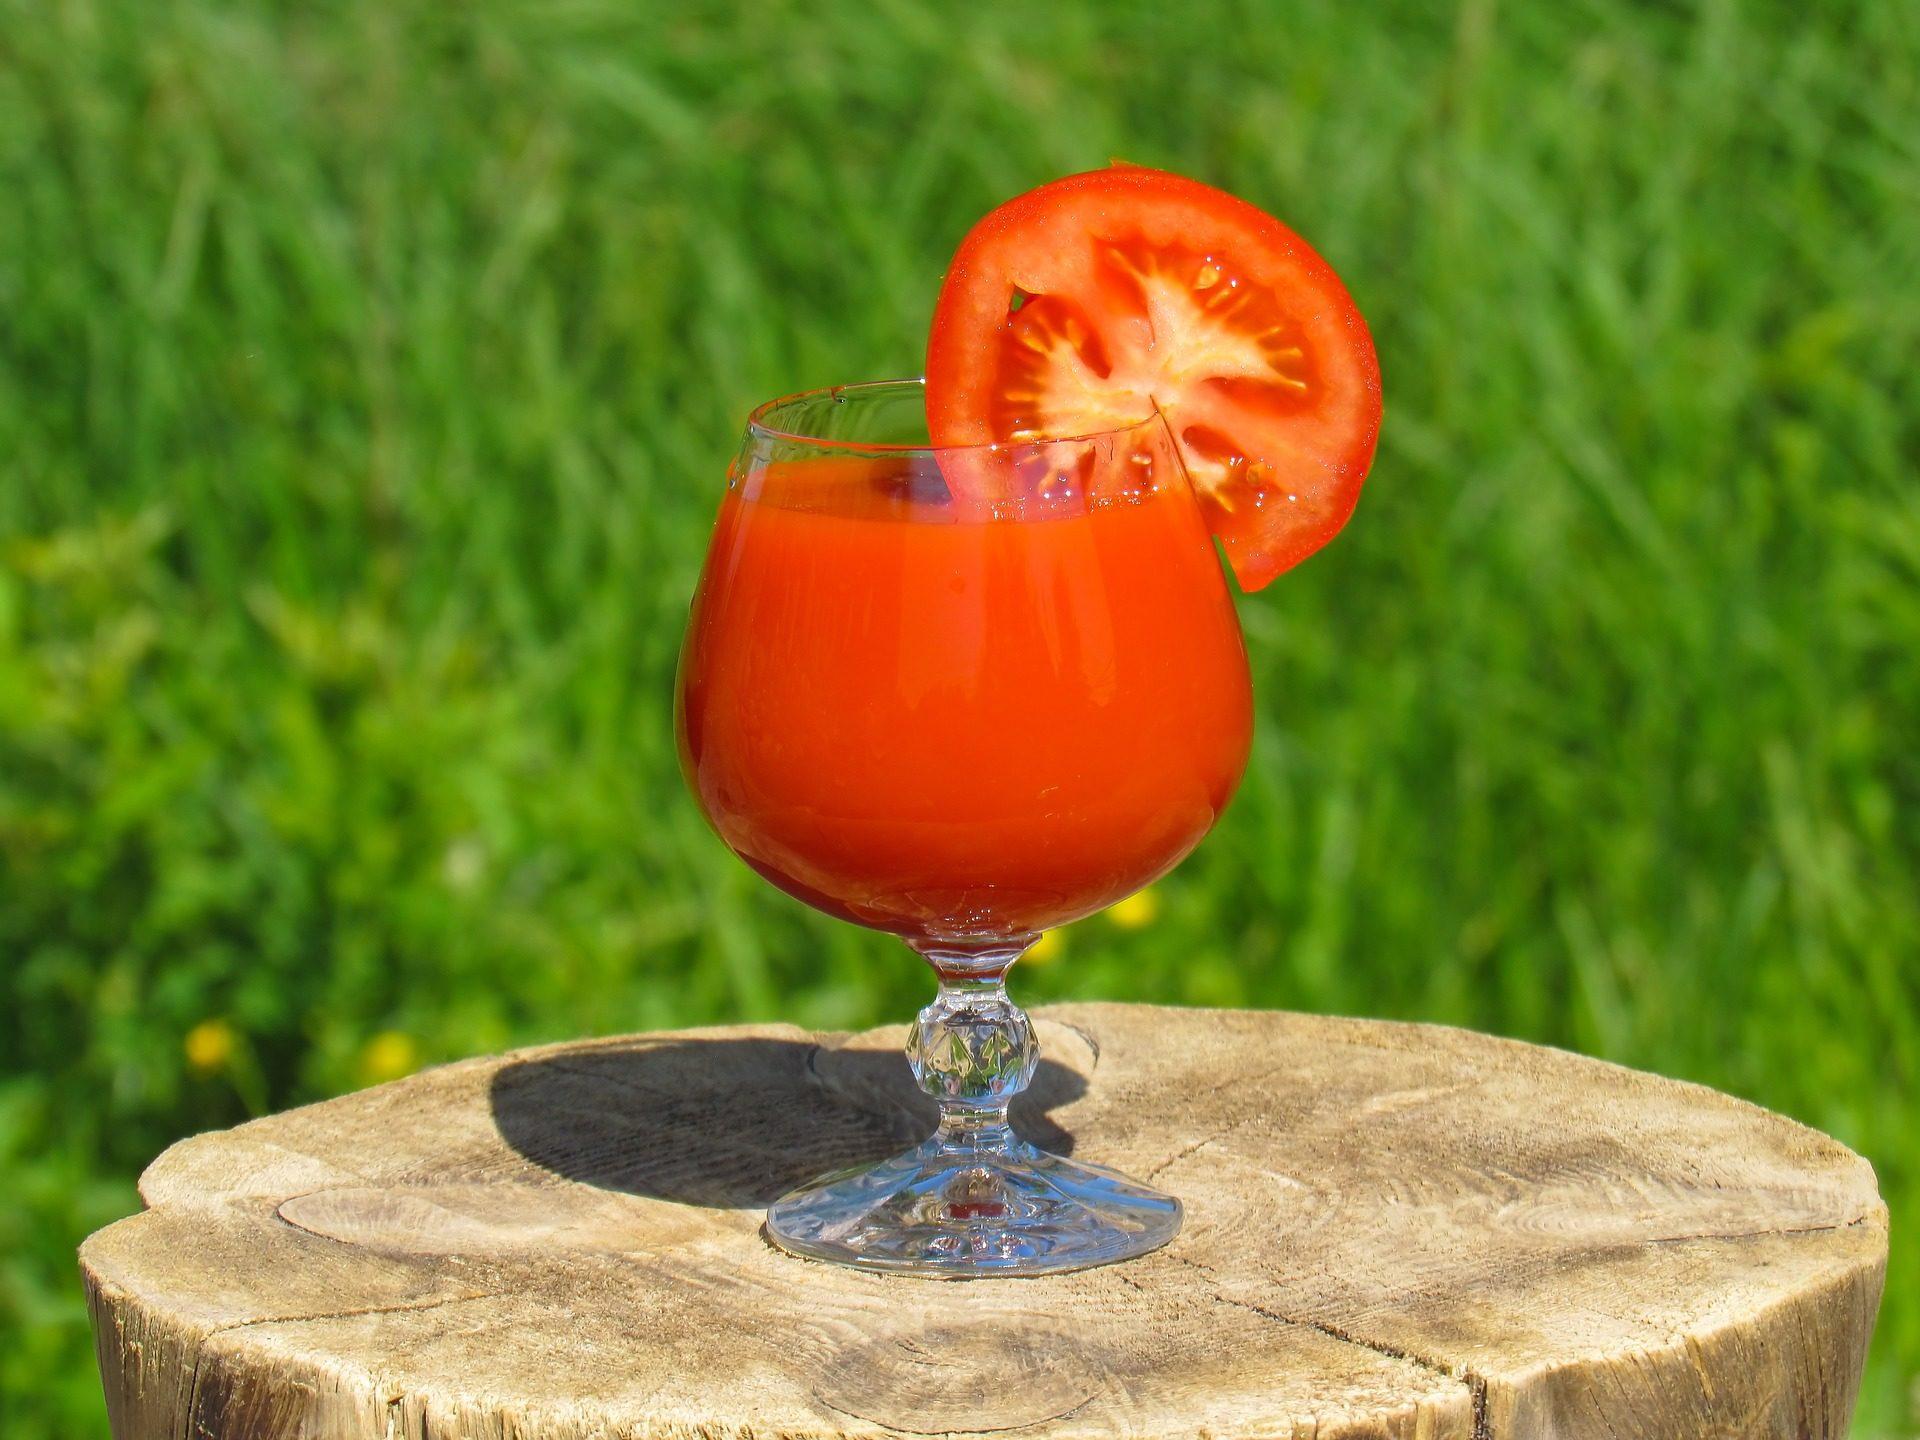 News Nation (Индия) напоминает о полезных свойствах томатного сока